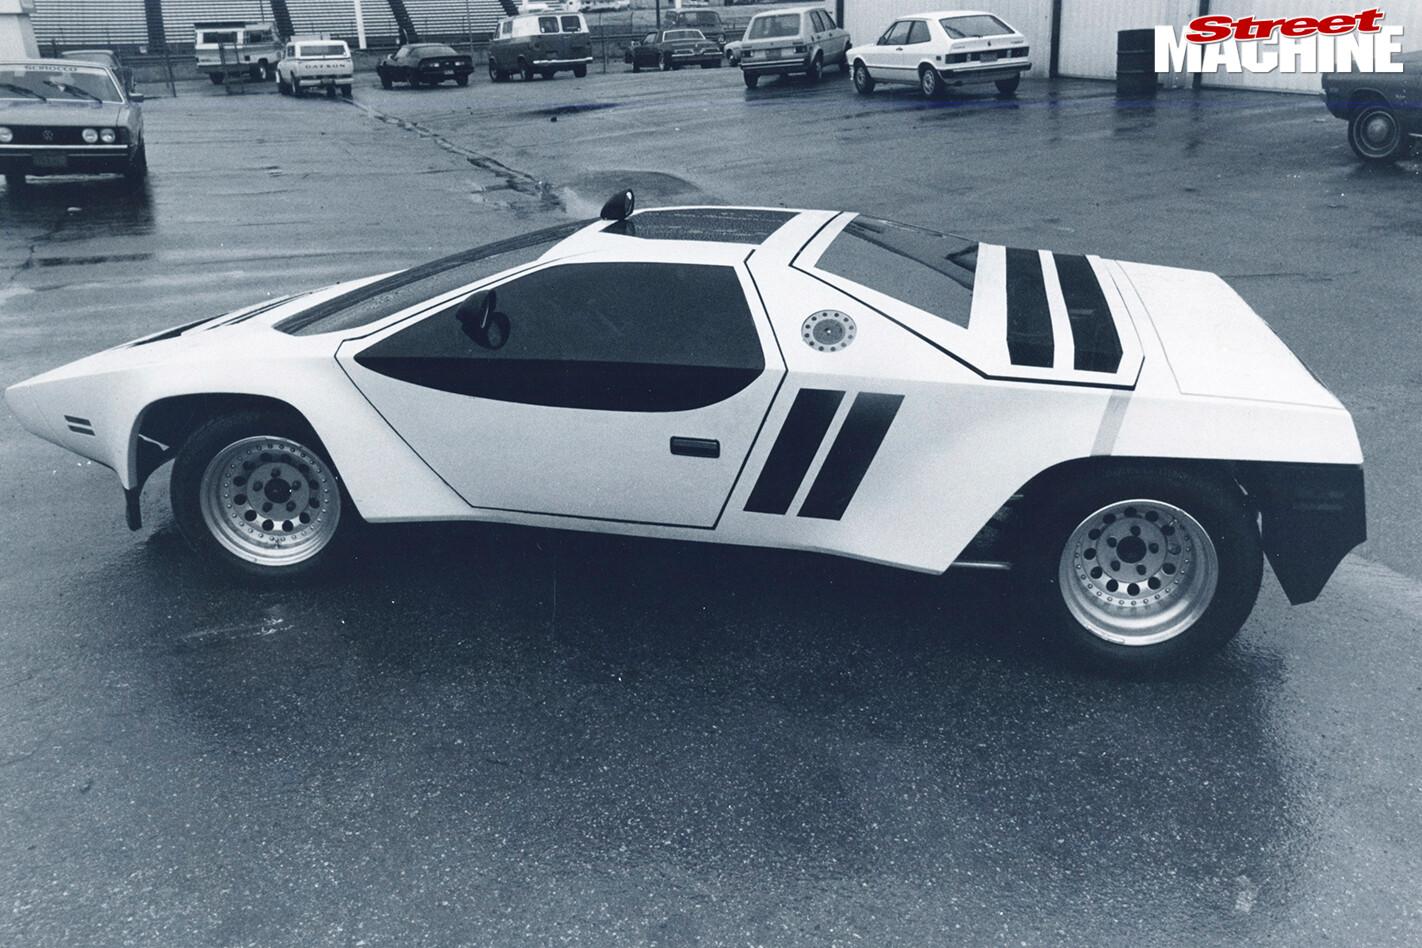 Street Machine Features Jerry Wiegert Supercar